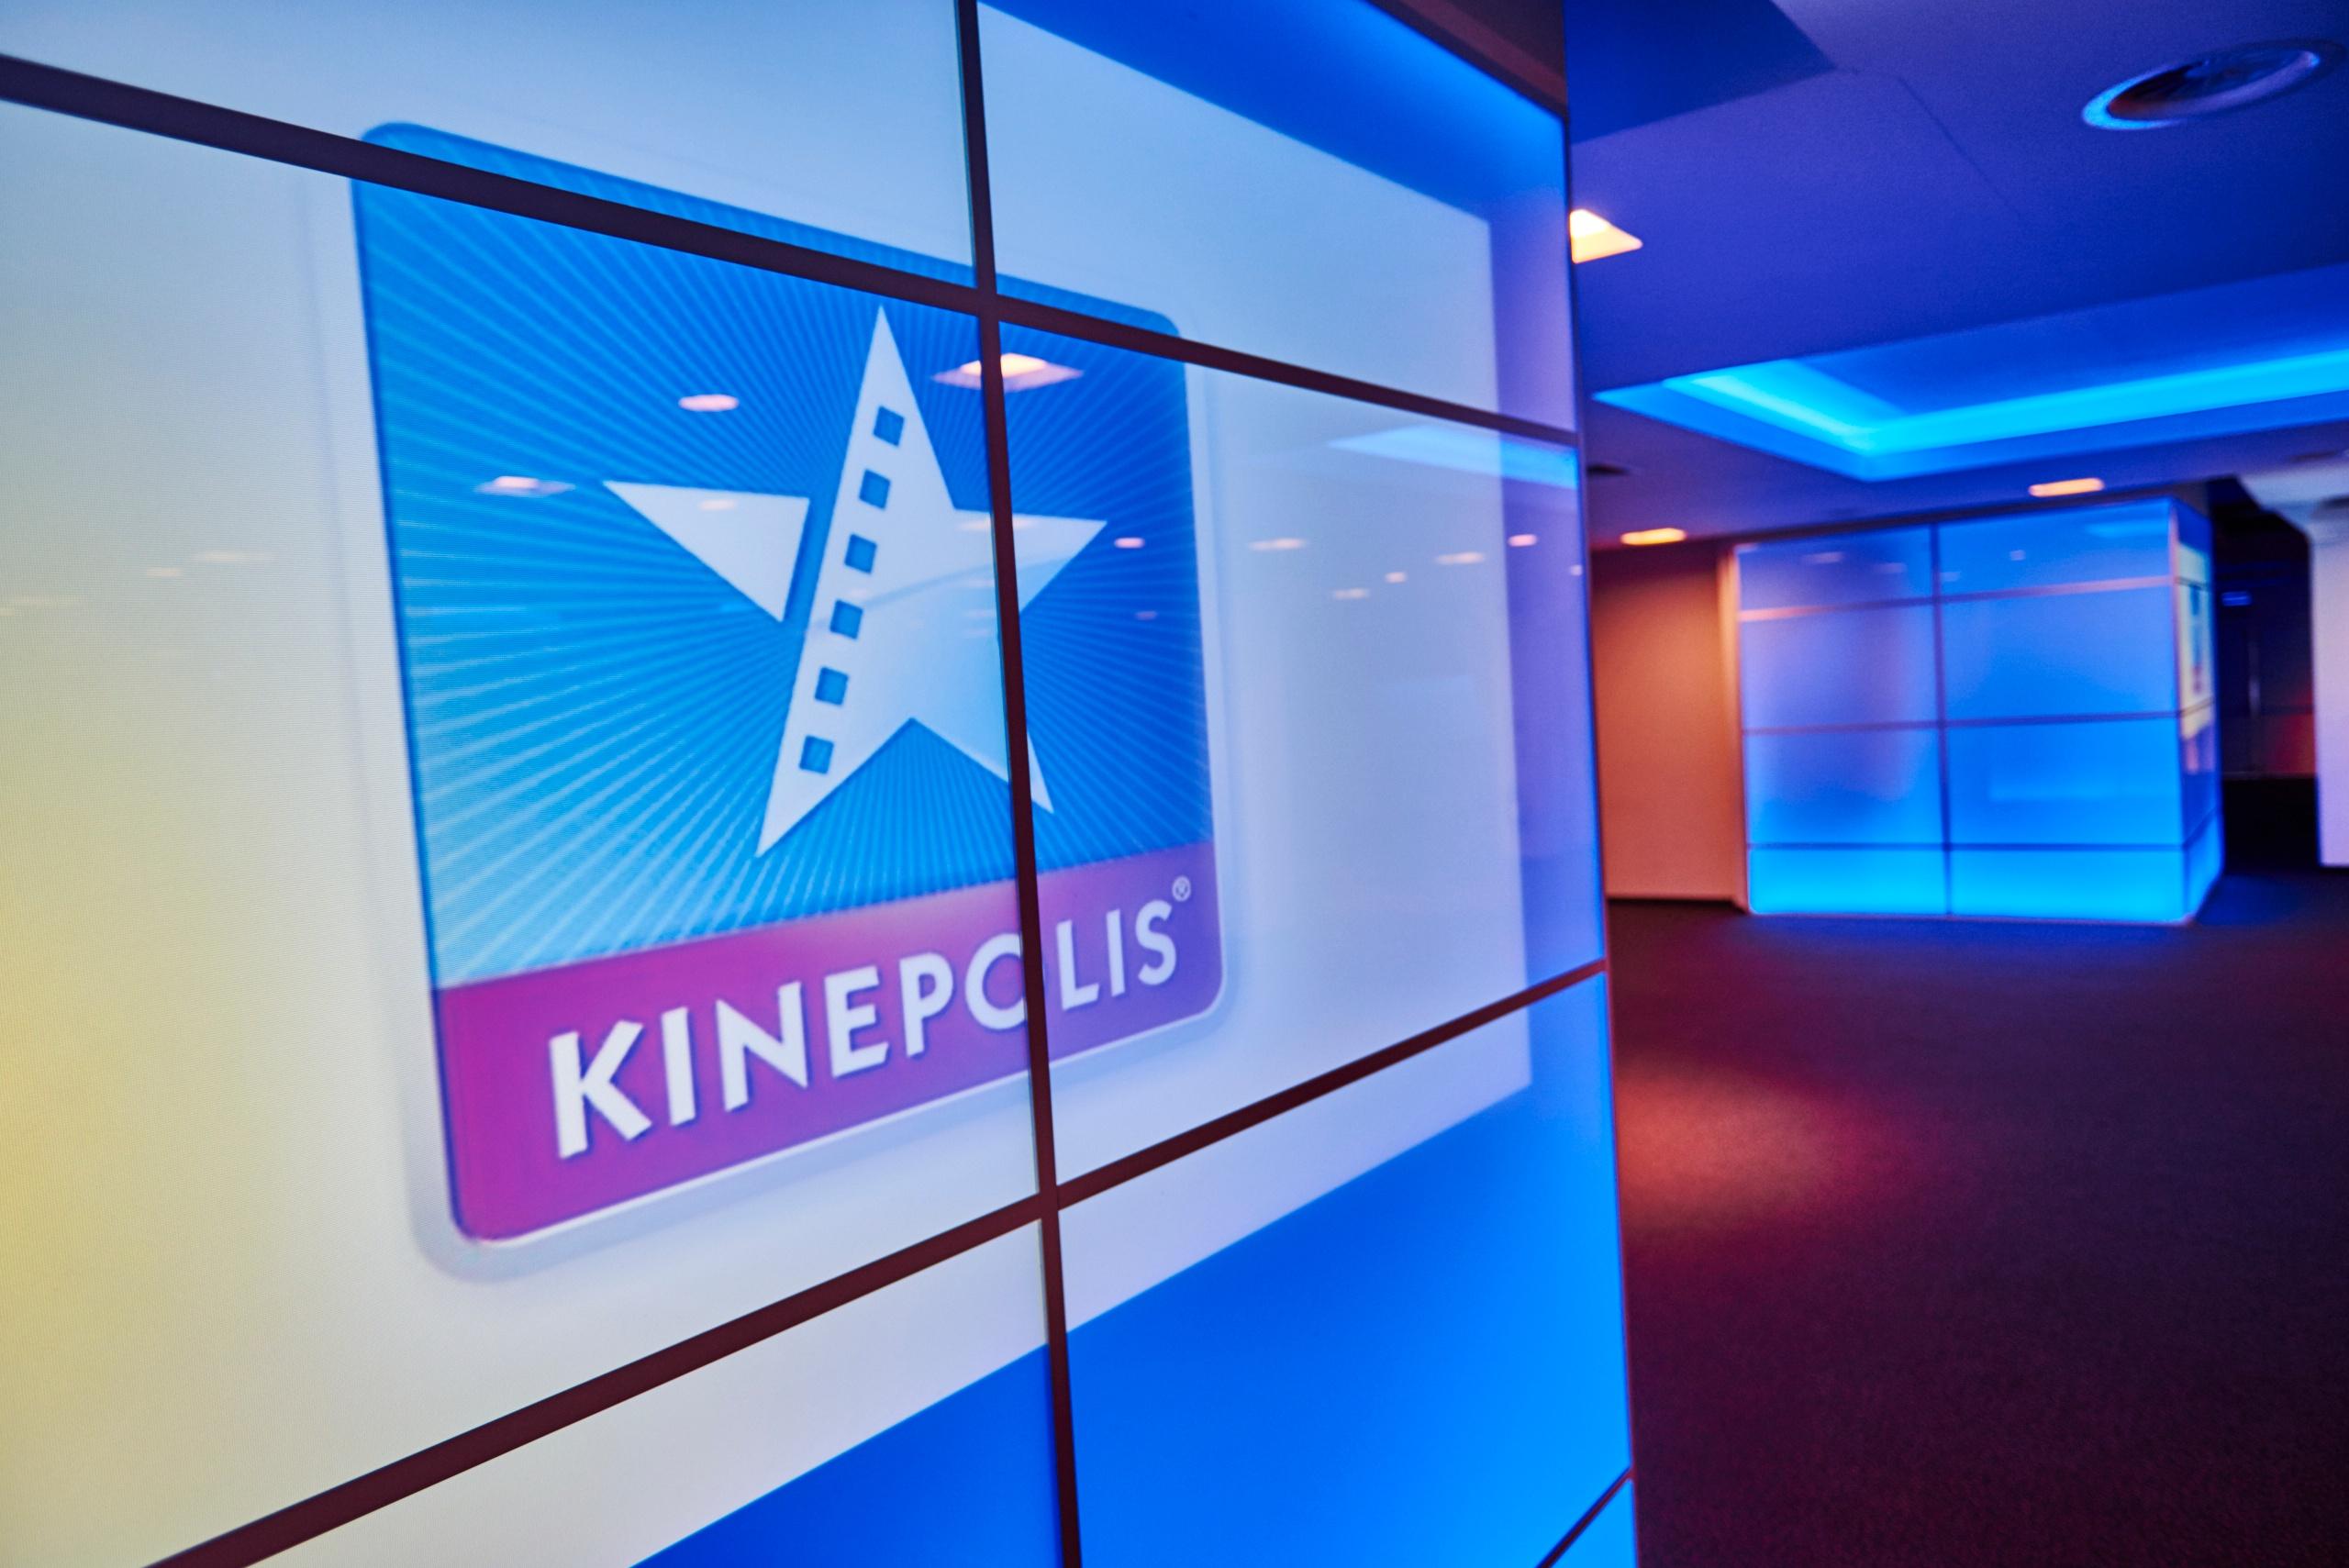 kinepolis_mood_103.jpg